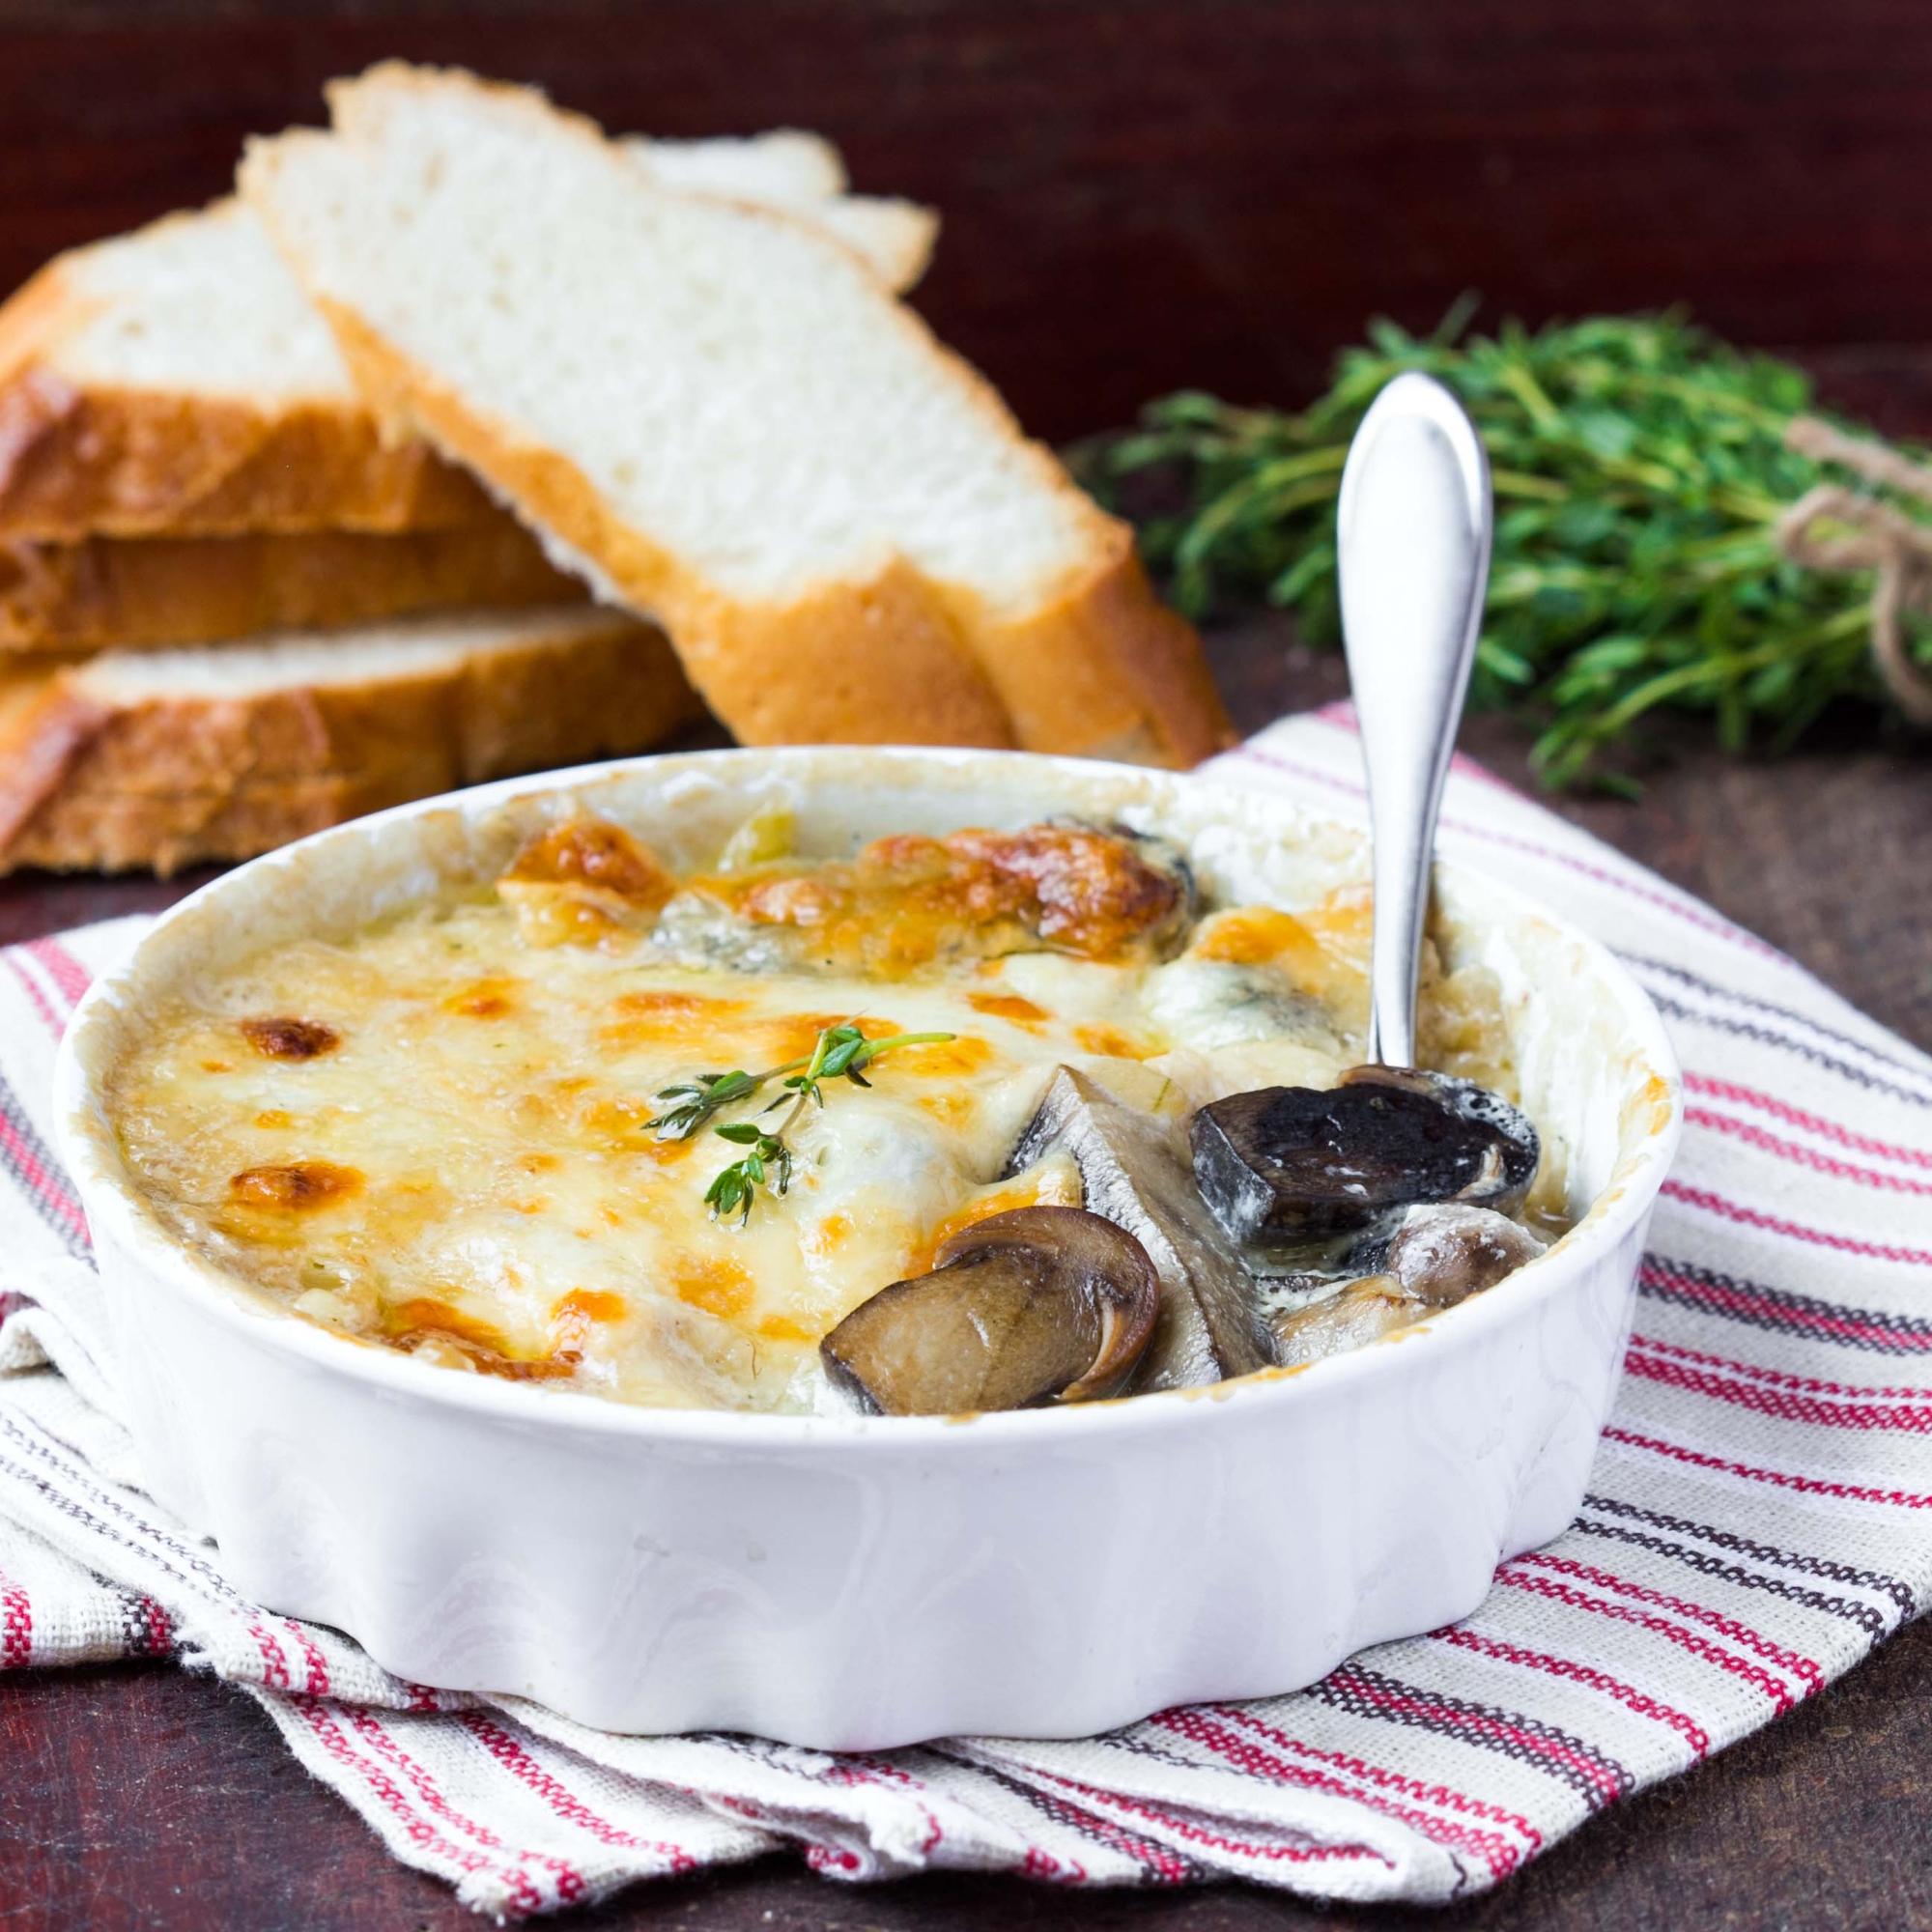 Mushroom Cheese Casserole